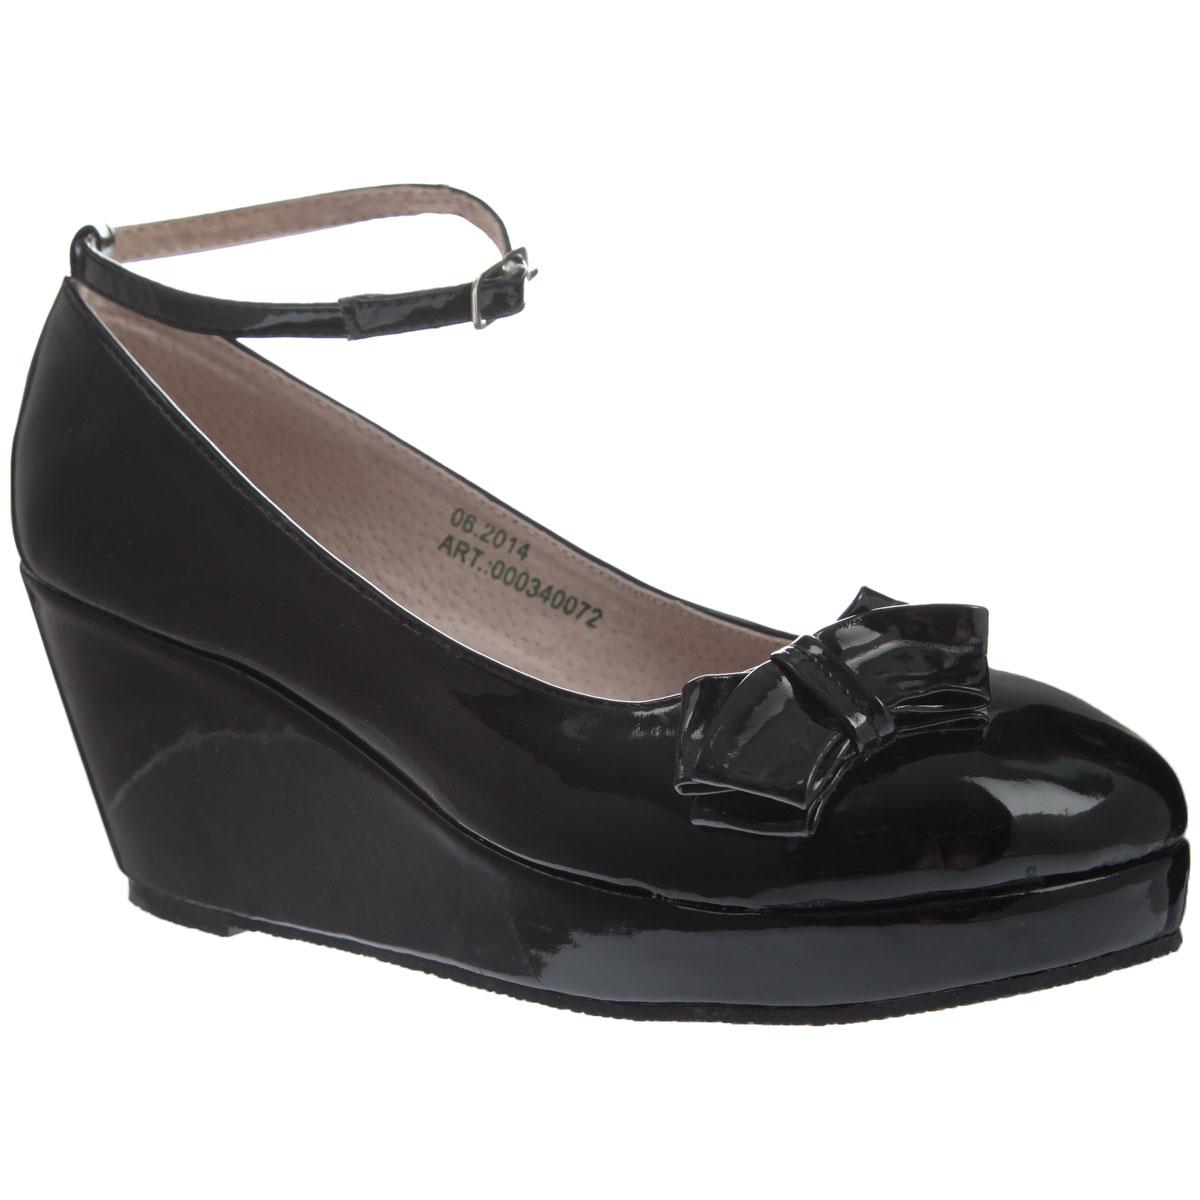 Туфли для девочки. 000340072000340072Стильные модные туфли для девочки от торговой марки Аллигаша придутся по вкусу юным модницам. Модель выполнена из высококачественной искусственной лакированной кожи и украшена очаровательным бантиком с боку. Подклад и стелька выполнены из натуральной кожи. Изящный съемный ремешок позволяет использовать данную модель, как с ним, так и без него. Туфли на танкетке и не большой платформе очень комфортны и удобны в носке. Эти туфли созданы для стильных юных модниц!